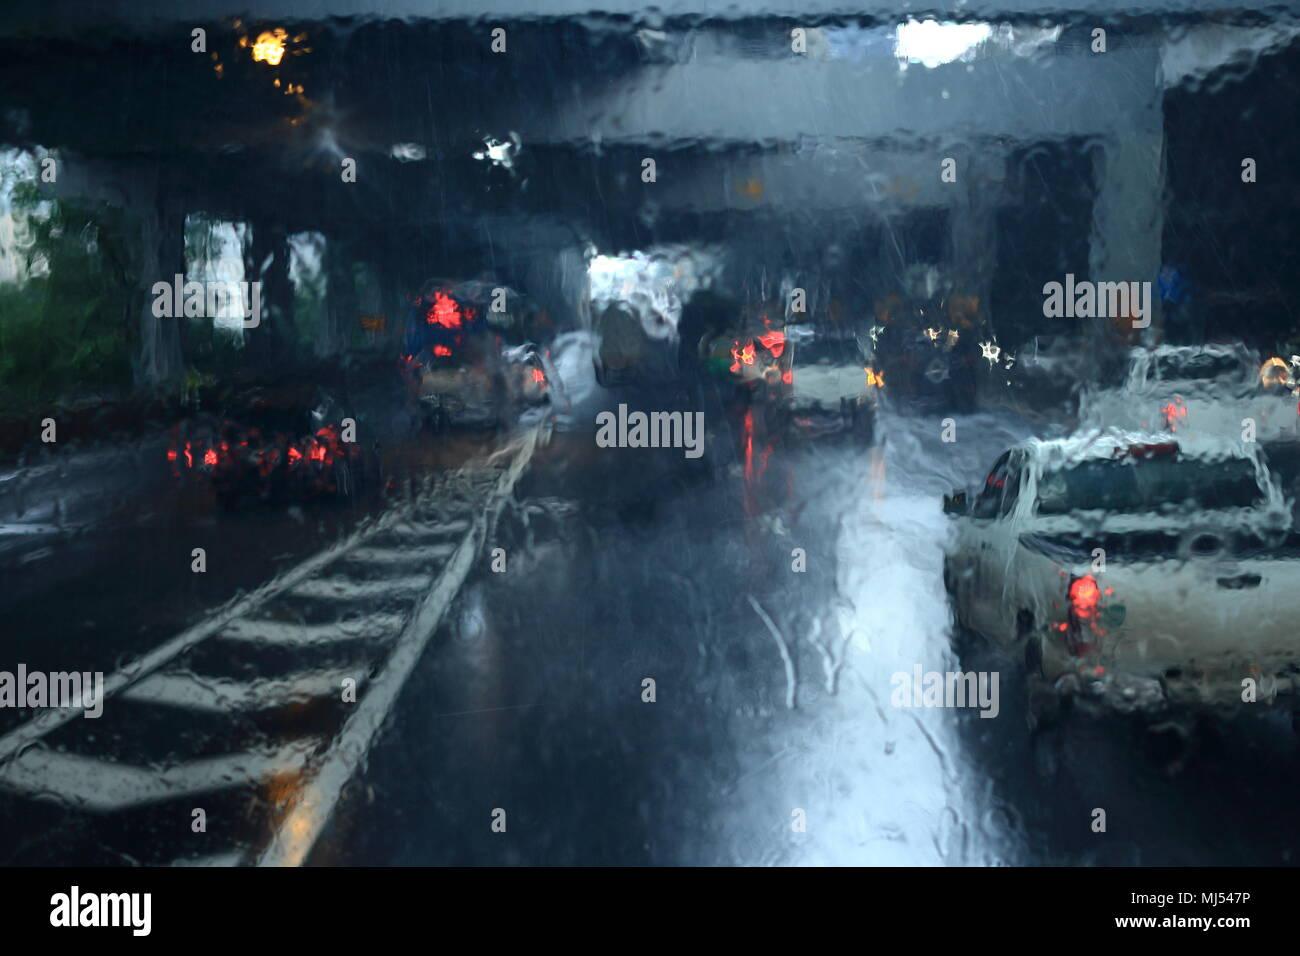 Regen strom Wetter auf Windschutzscheibe. Visuelles Hindernis schlechte Sicht auf Gebühr Mautstrasse Straße eintrag Highway-kontrollpunkt. Stockbild